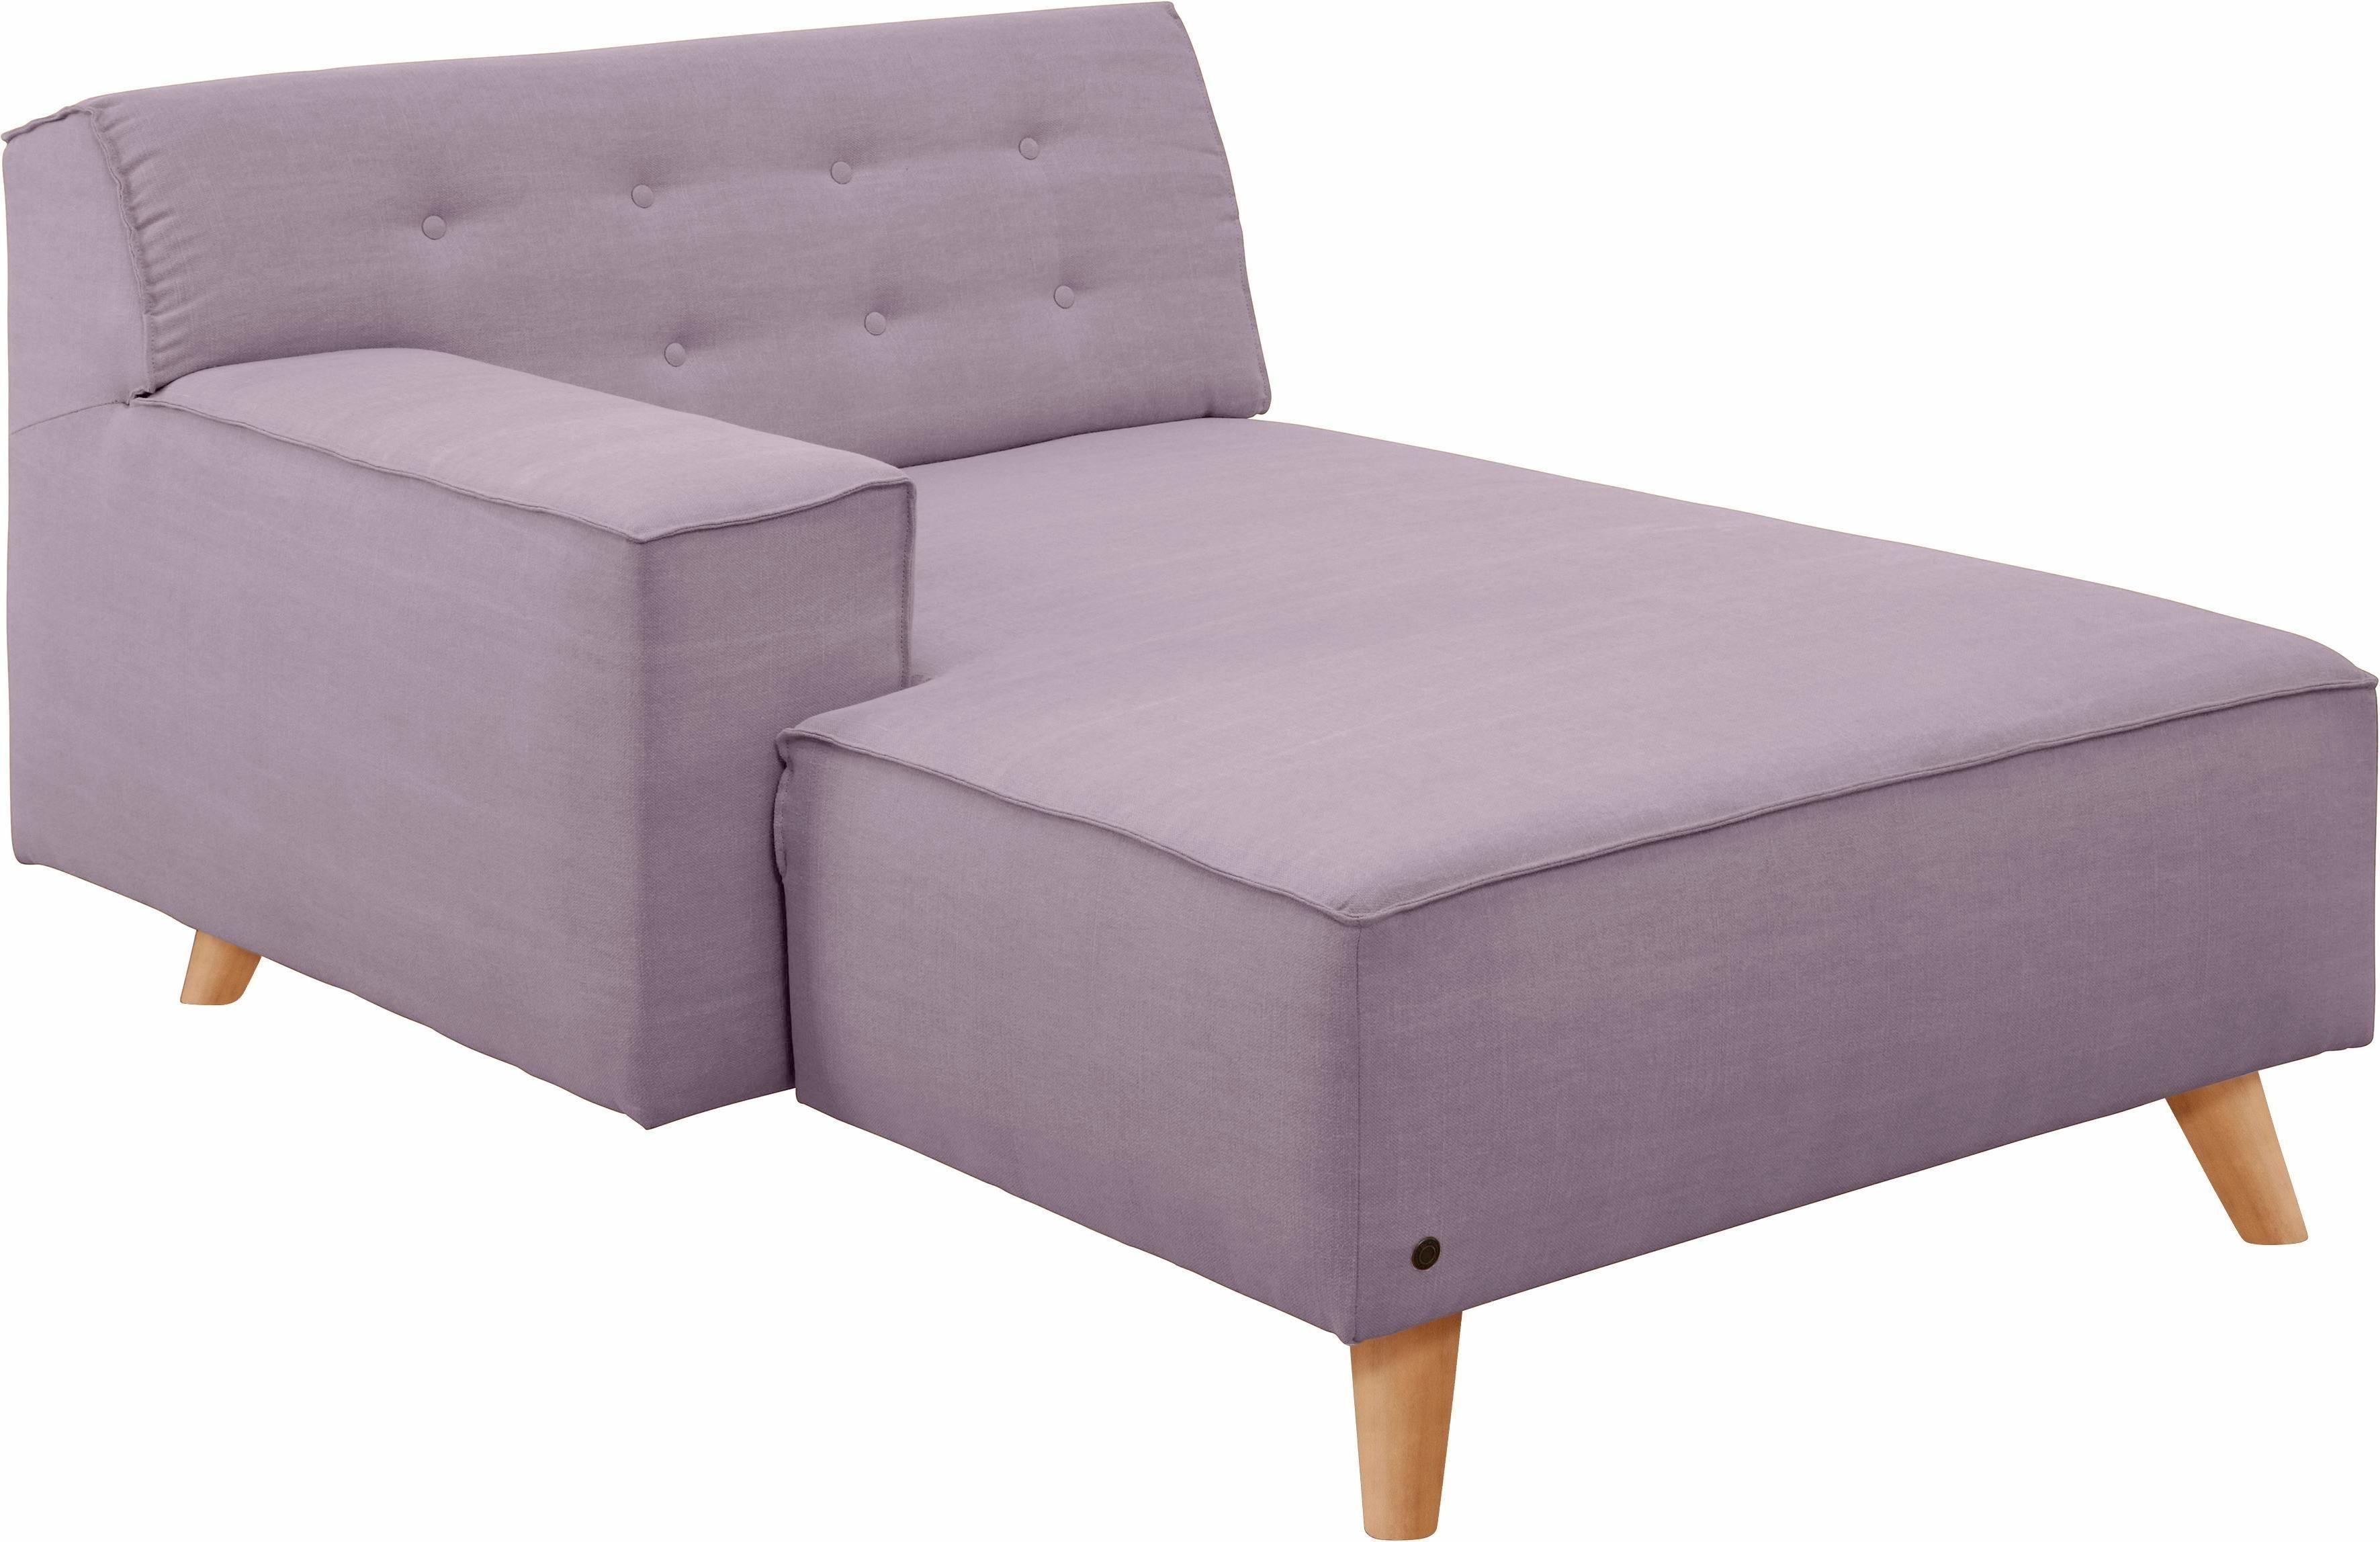 Schone Sofas Online Ledersofa Neu Beziehen Munchen 2 Sitzer Couch Gunstig Amerikanisches Sofa Kaufen Schla Chaiselongue Couch Gunstig Schlafsofa Kaufen